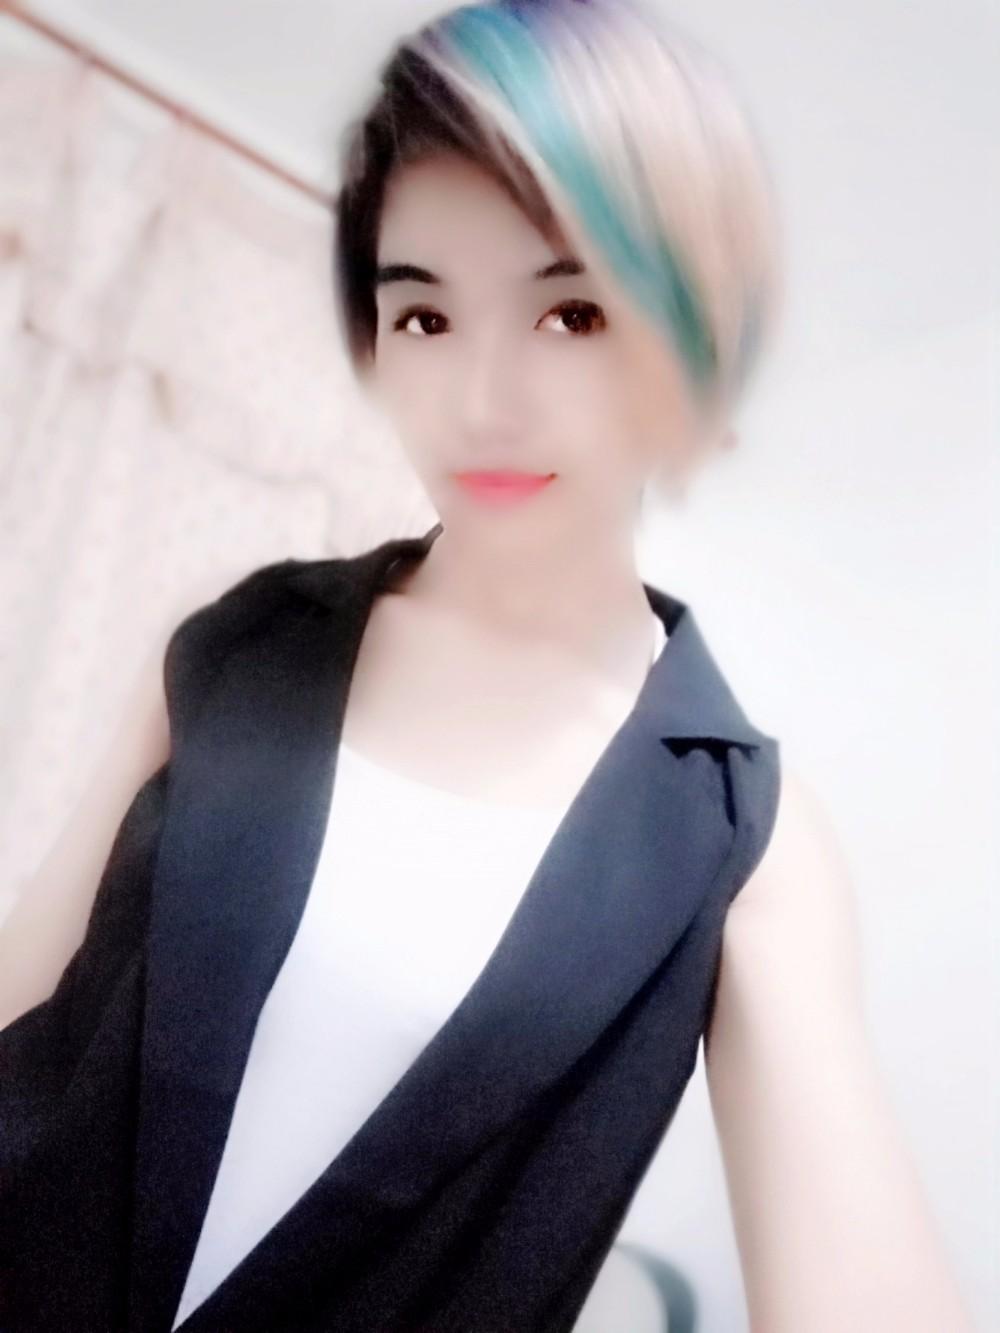 琪琪格资料照片_黑龙江鸡西征婚交友_珍爱网